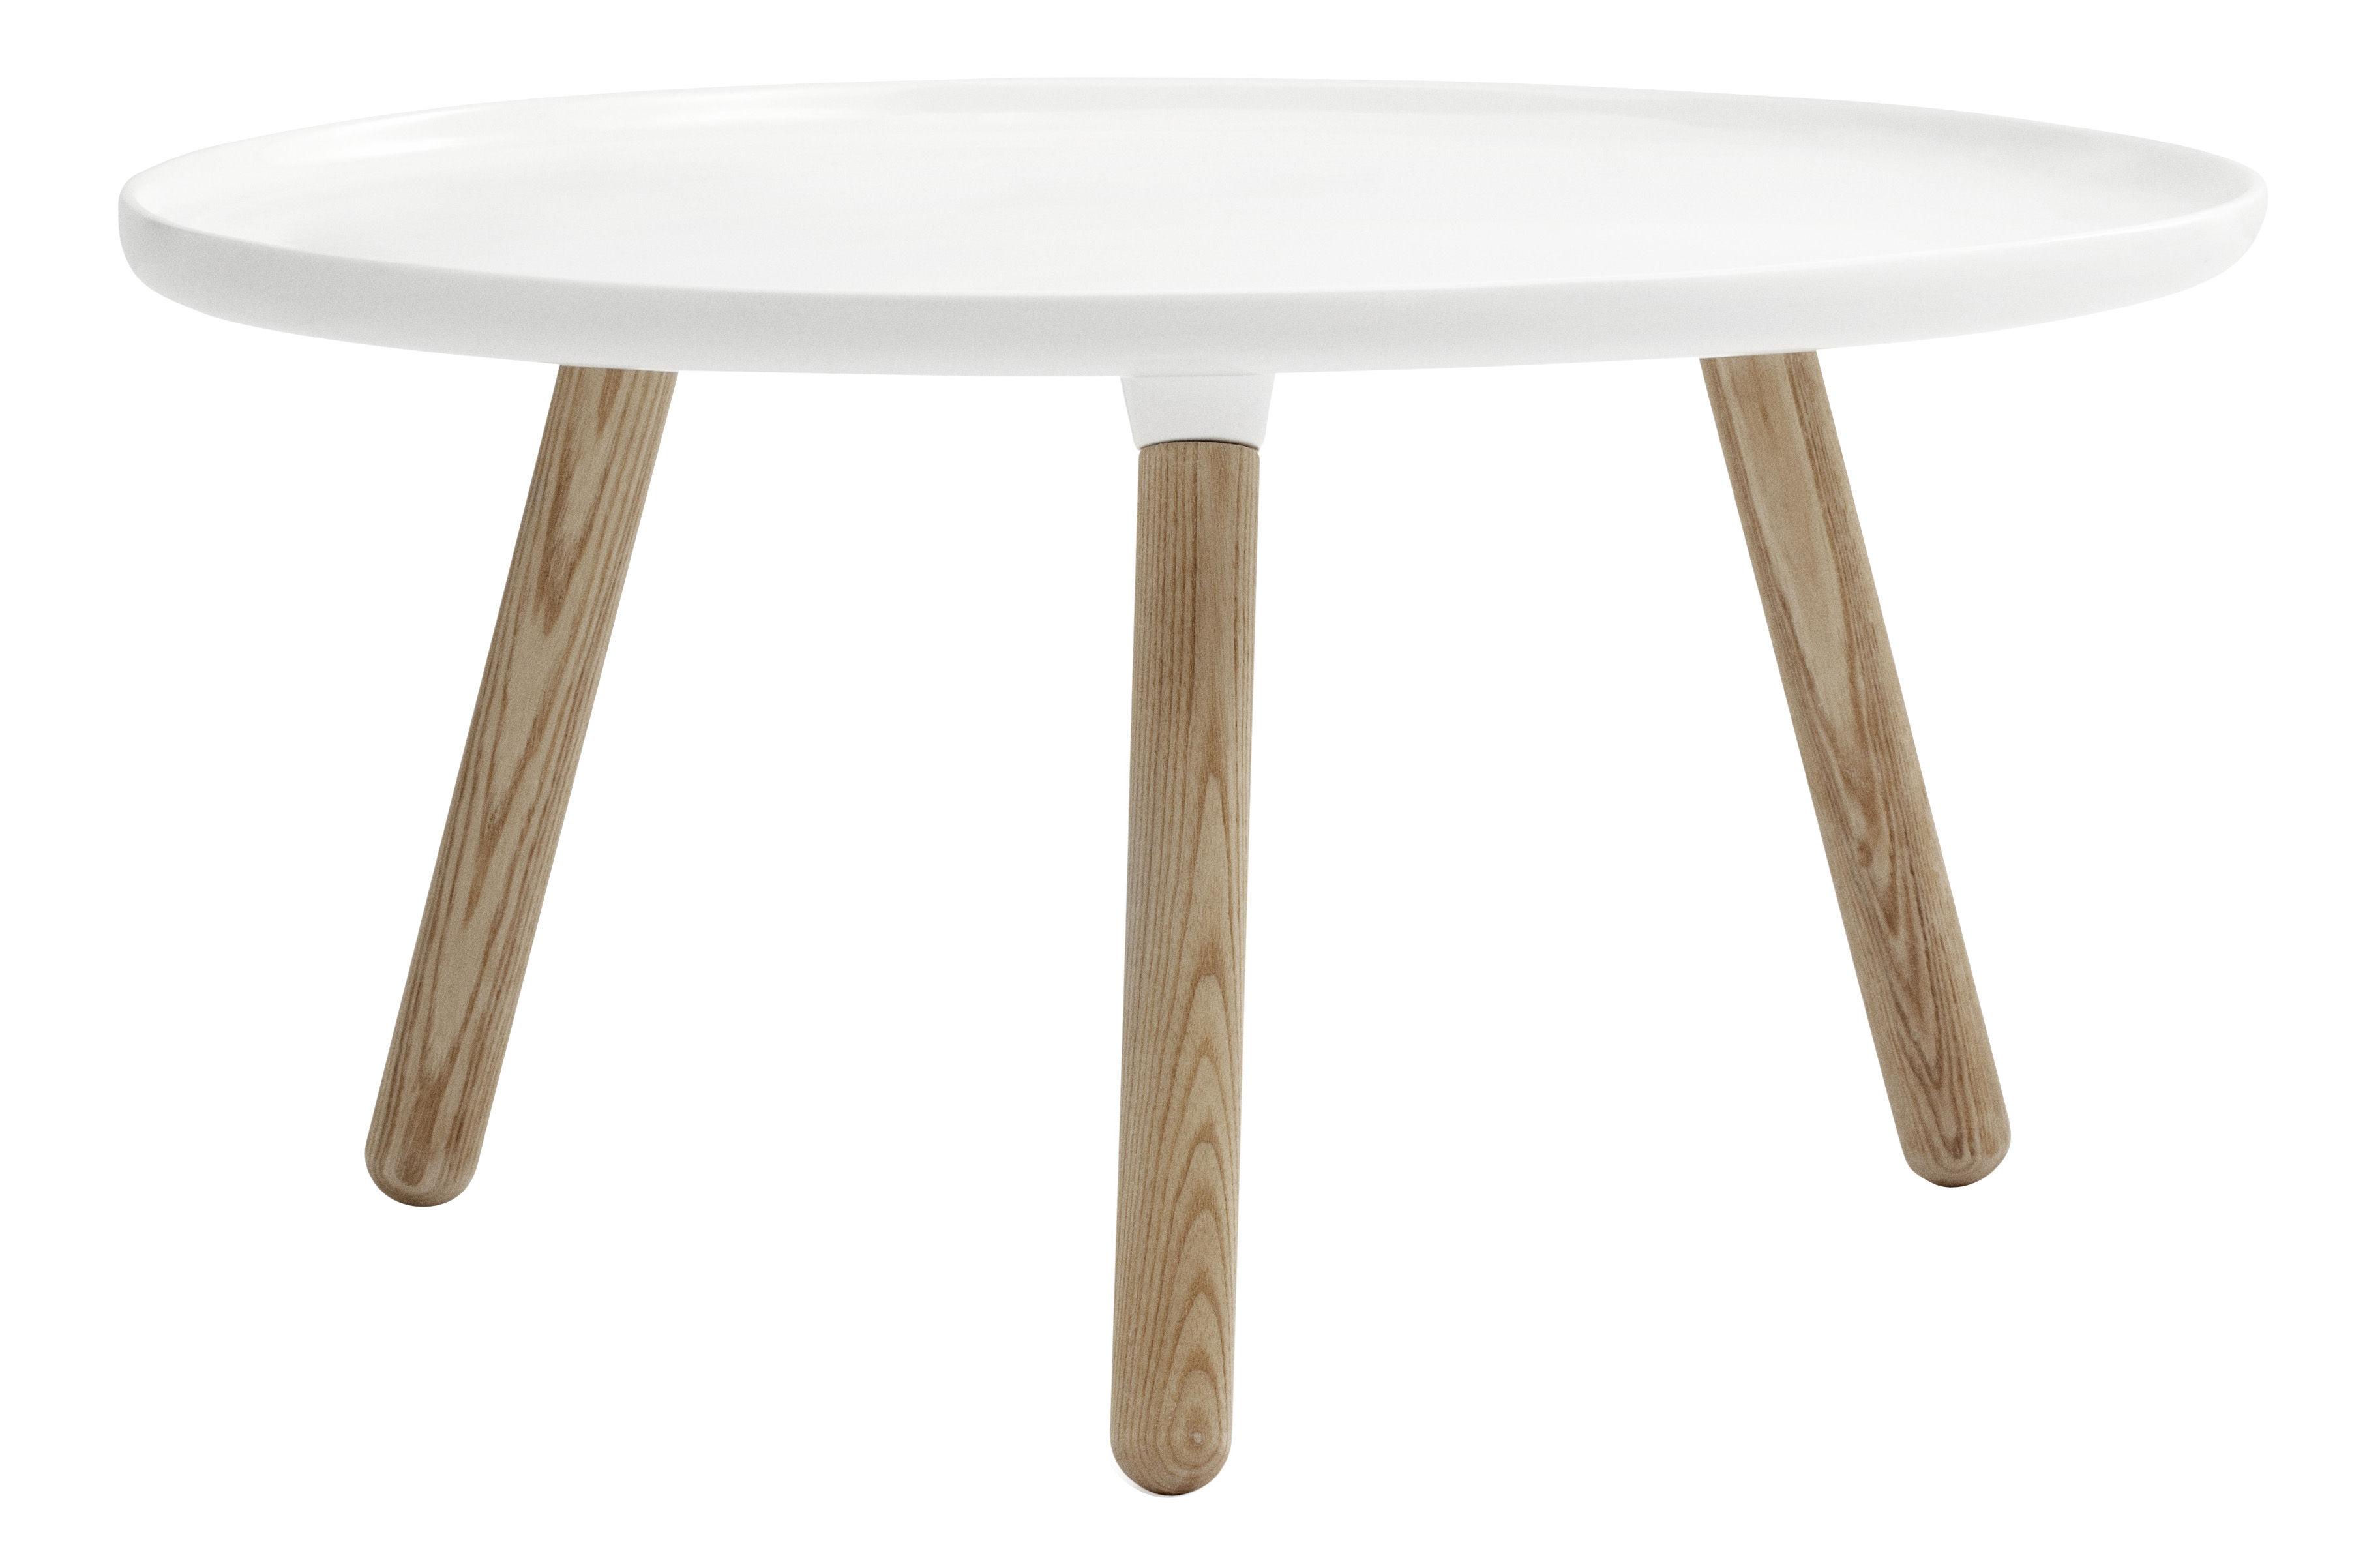 Arredamento - Tavolini  - Tavolino Tablo Large - Ø 78 cm di Normann Copenhagen - Bianco - Frassino naturale, Materiale composito